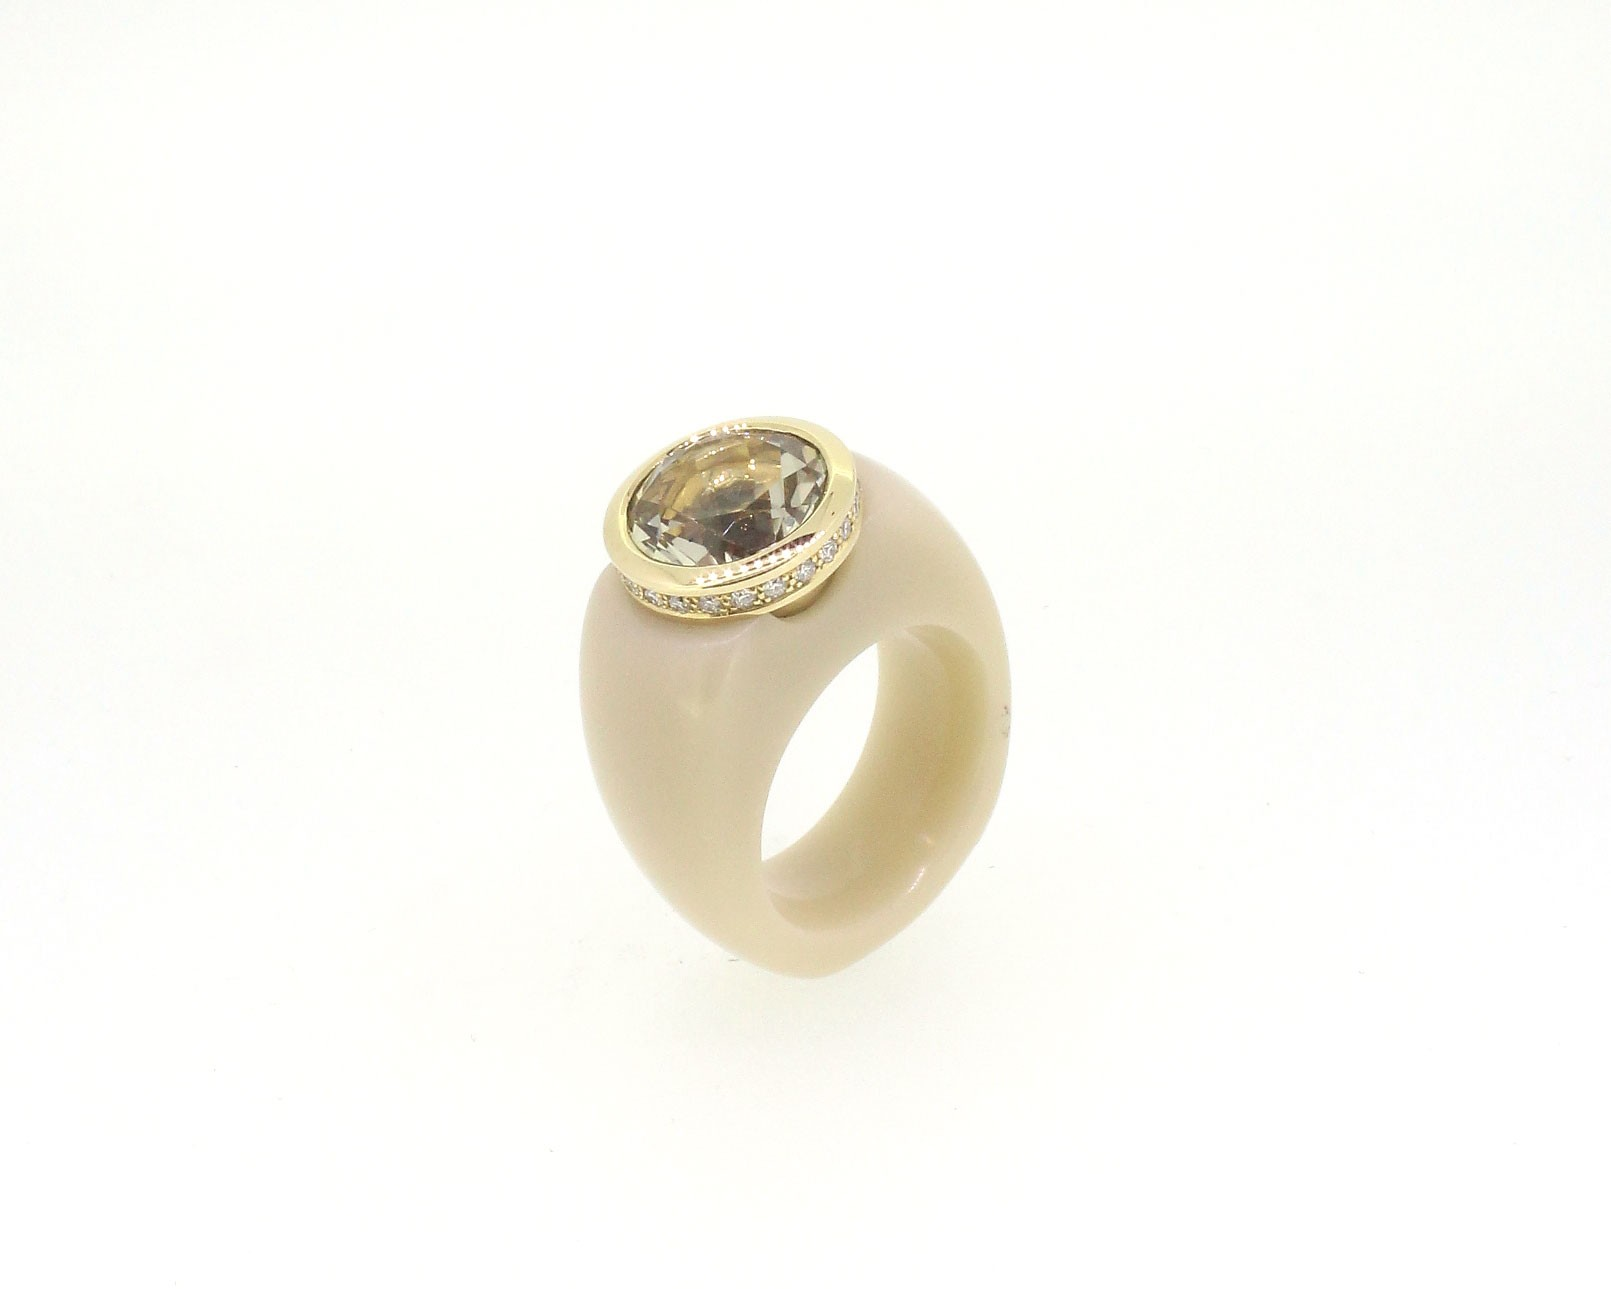 Ring Marbles 18ct Gelbgold - Monika Seitter - 409seit12-6